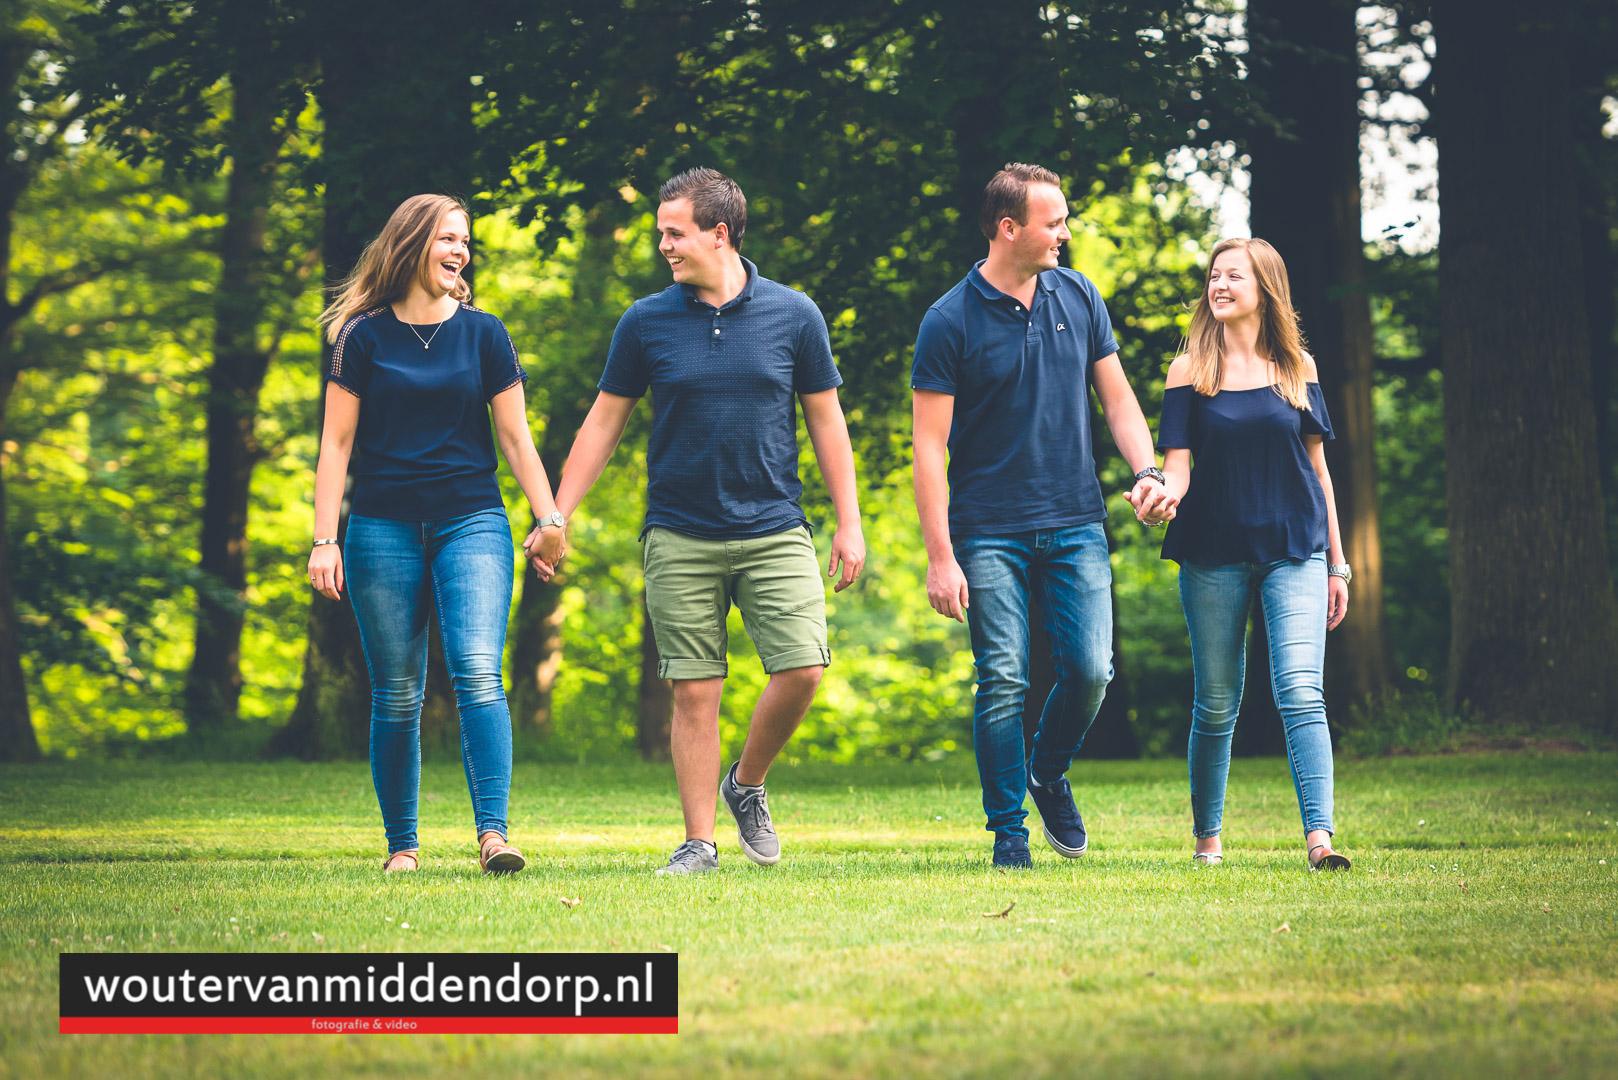 fotografie Wouter van Middendorp Kasteel Staverden-4